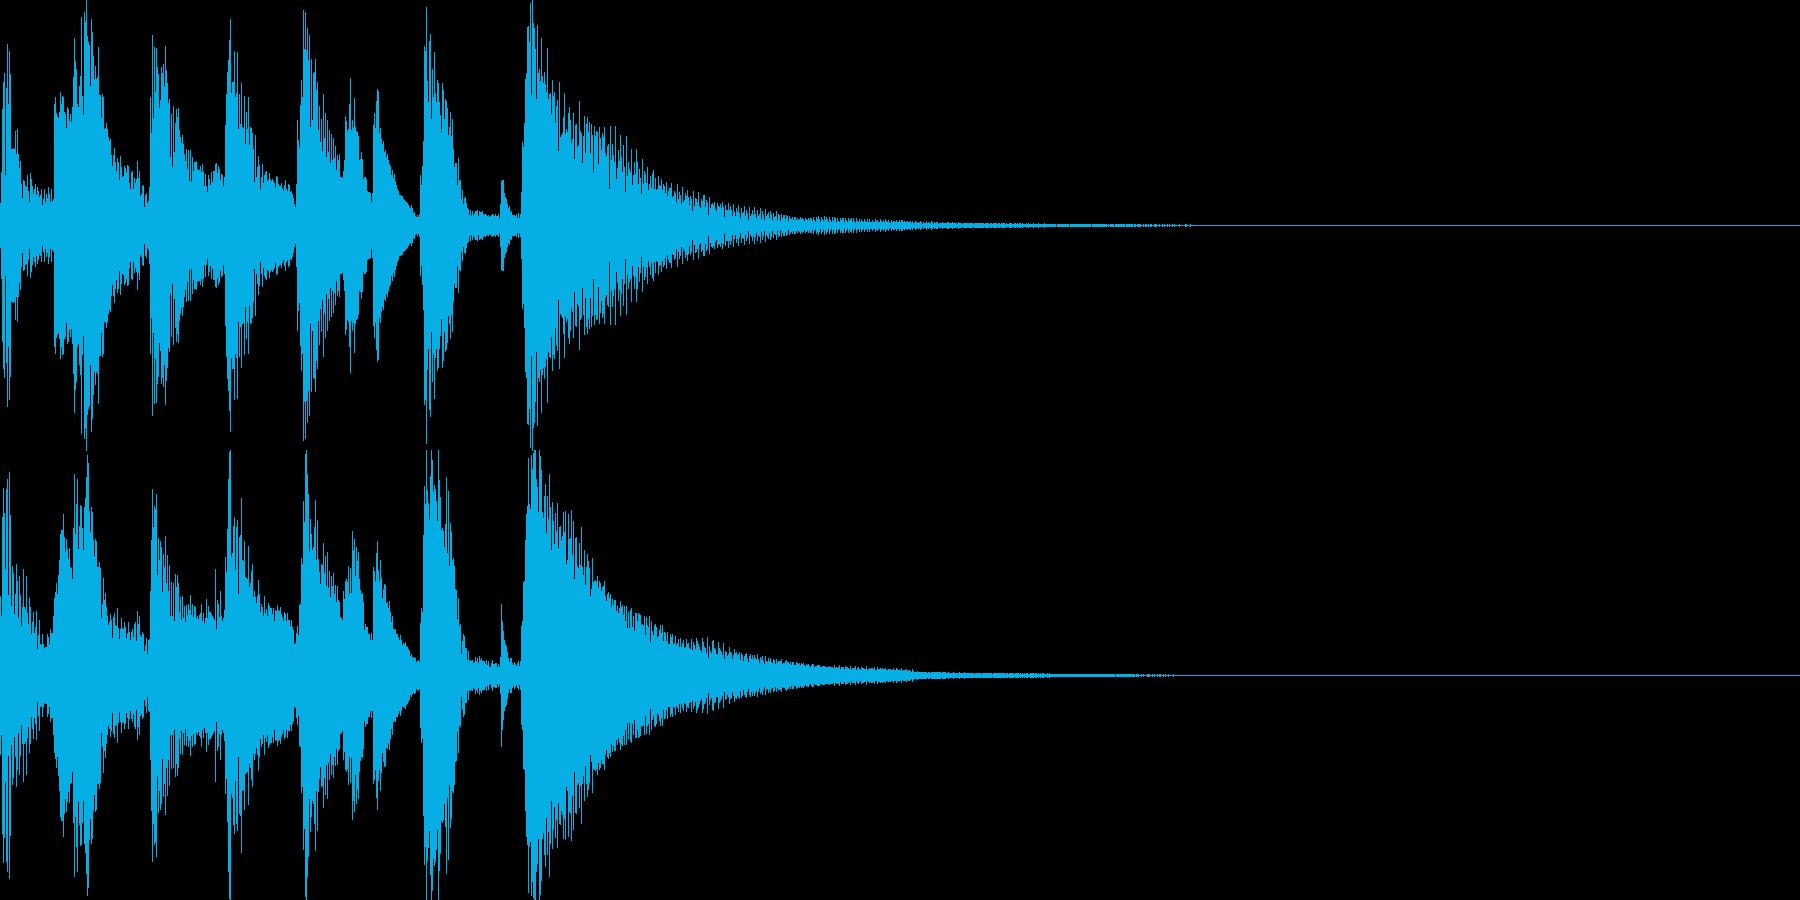 お洒落なジャズのジングル3の再生済みの波形